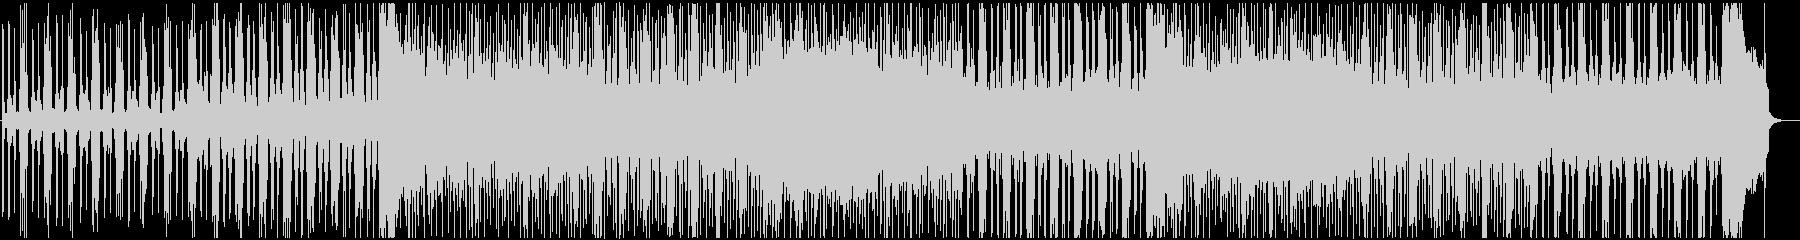 緊迫感のあるクラシカルなハードロックの未再生の波形